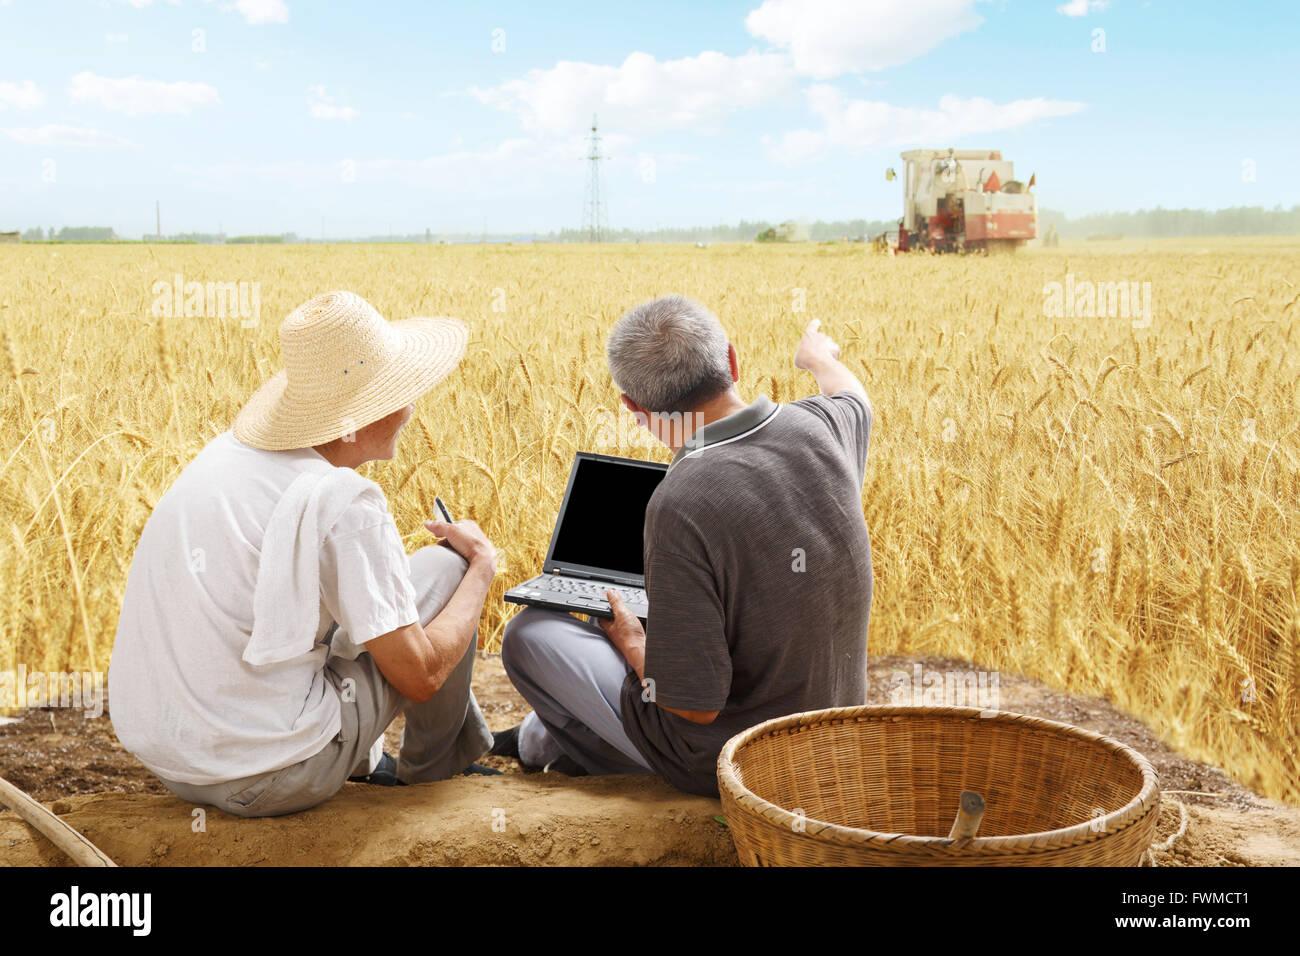 Two farmers sitting in field talking - Stock Image